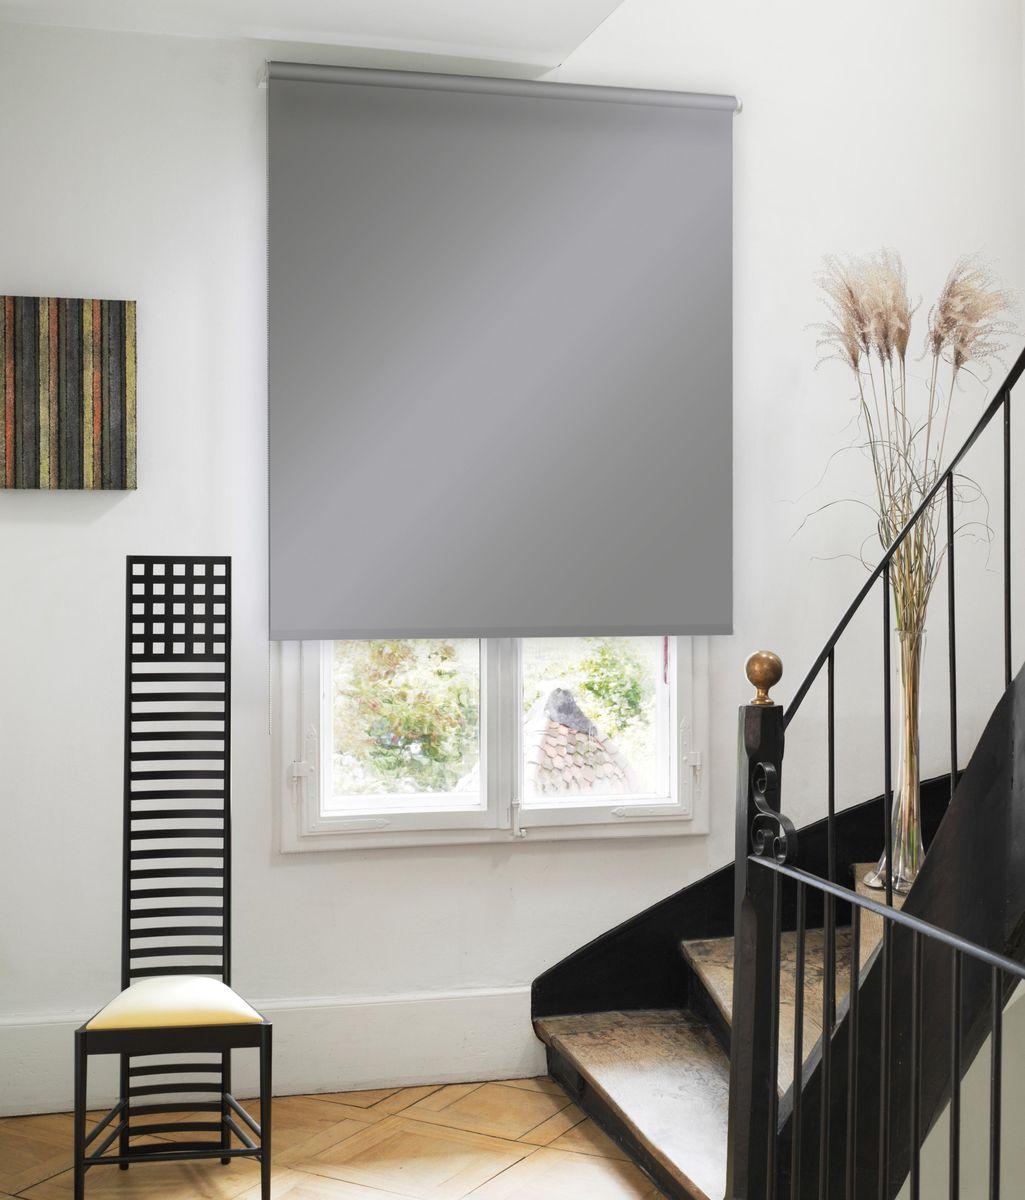 Штора рулонная Эскар, цвет: серый, ширина 120 см, высота 170 см80621Рулонными шторами можно оформлять окна как самостоятельно, так и использовать в комбинации с портьерами. Это поможет предотвратить выгорание дорогой ткани на солнце и соединит функционал рулонных с красотой навесных.Преимущества применения рулонных штор для пластиковых окон:- имеют прекрасный внешний вид: многообразие и фактурность материала изделия отлично смотрятся в любом интерьере; - многофункциональны: есть возможность подобрать шторы способные эффективно защитить комнату от солнца, при этом о на не будет слишком темной. - Есть возможность осуществить быстрый монтаж. ВНИМАНИЕ! Размеры ширины изделия указаны по ширине ткани!Во время эксплуатации не рекомендуется полностью разматывать рулон, чтобы не оторвать ткань от намоточного вала.В случае загрязнения поверхности ткани, чистку шторы проводят одним из способов, в зависимости от типа загрязнения: легкое поверхностное загрязнение можно удалить при помощи канцелярского ластика; чистка от пыли производится сухим методом при помощи пылесоса с мягкой щеткой-насадкой; для удаления пятна используйте мягкую губку с пенообразующим неагрессивным моющим средством или пятновыводитель на натуральной основе (нельзя применять растворители).